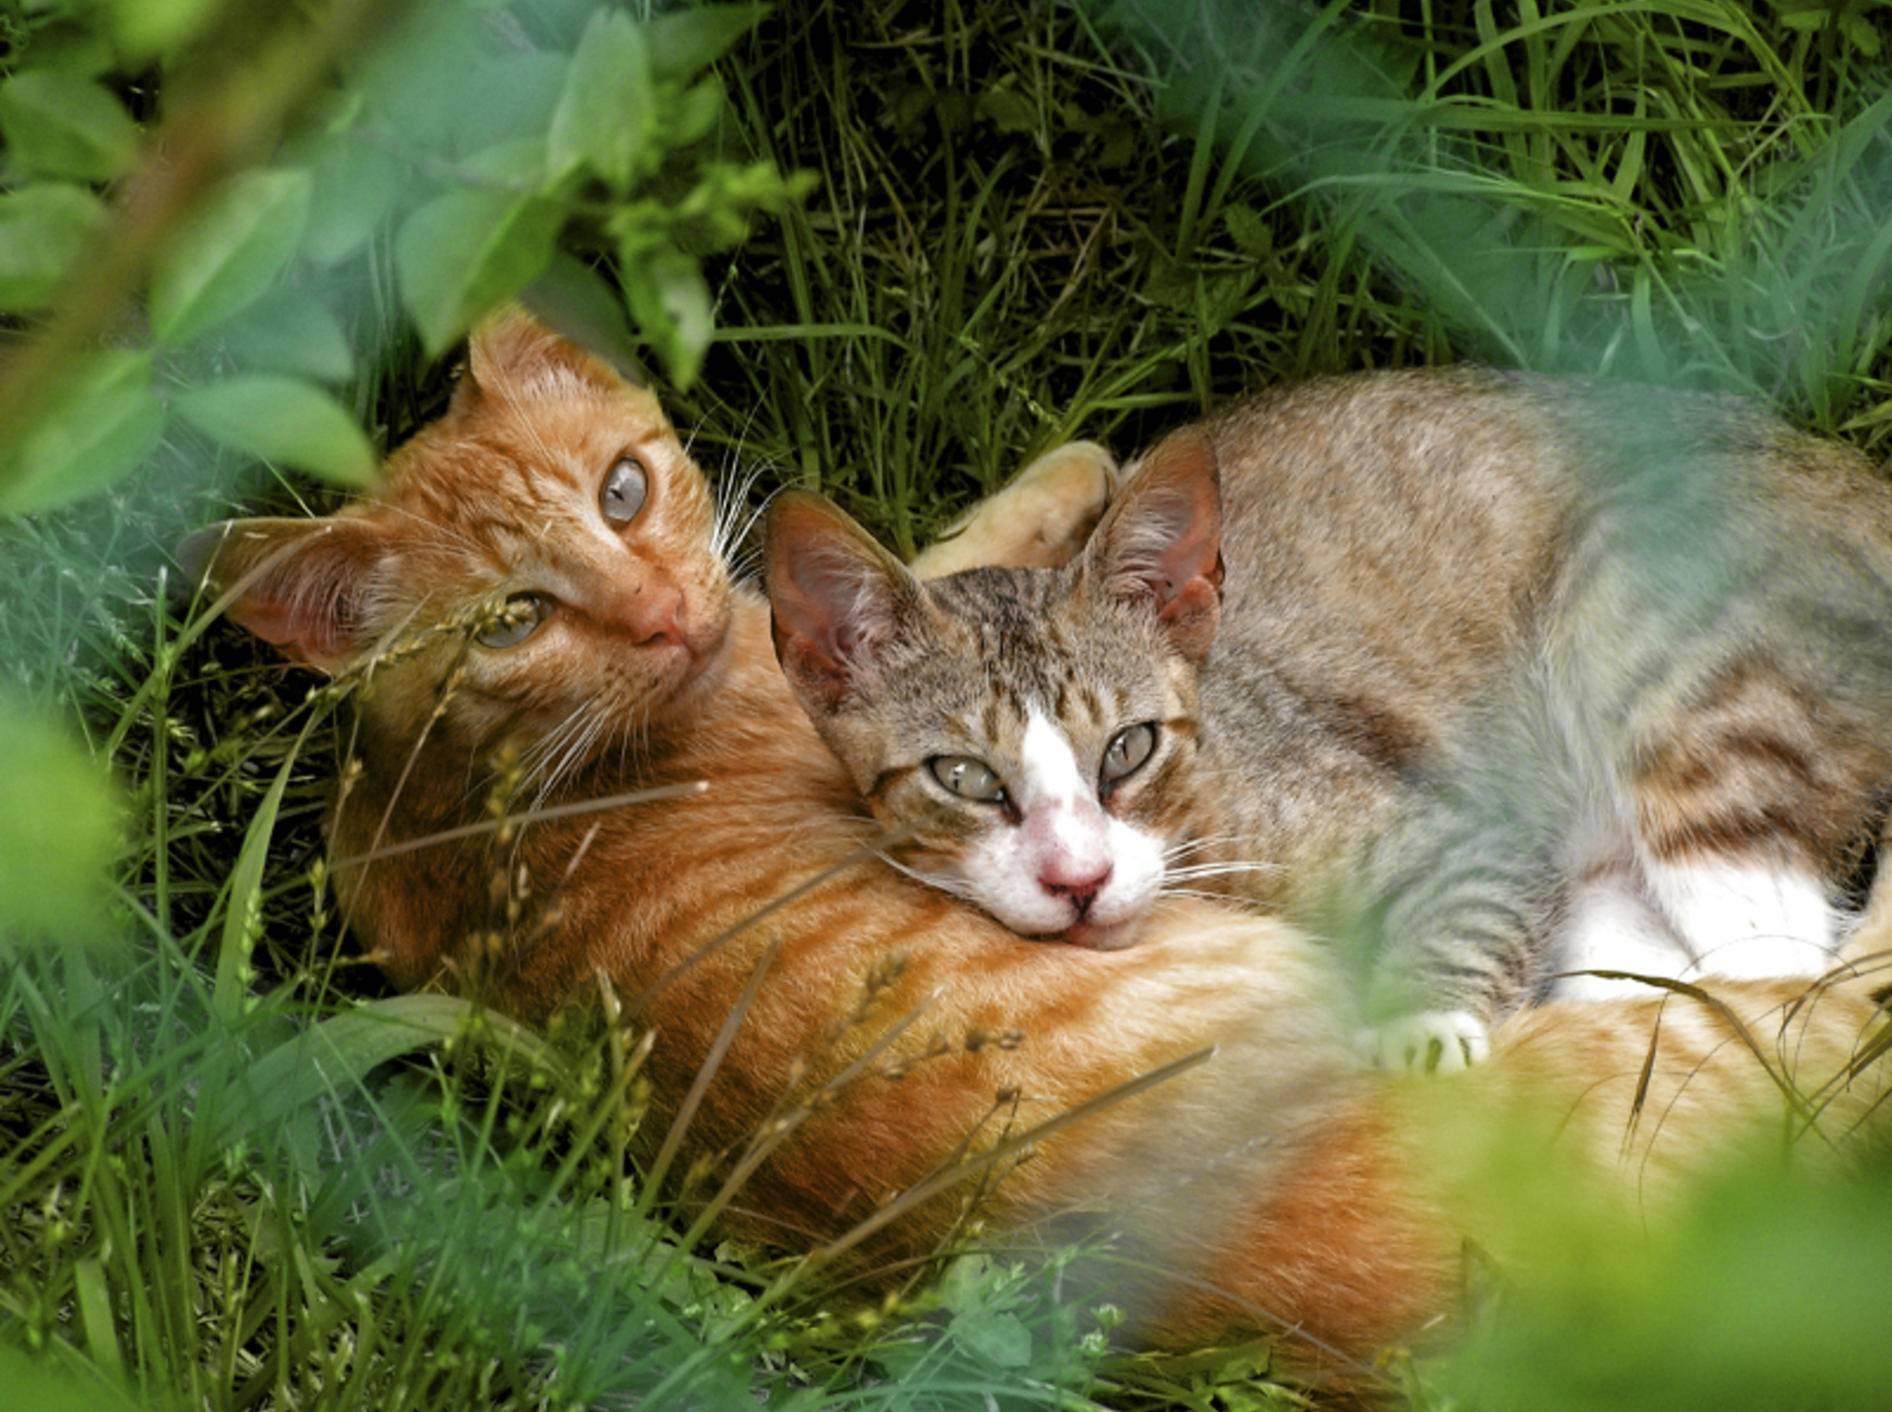 Das andere Geschlecht wird bei Katzen dann erst als richtig interessant wahrgenommen, wenn sie die Geschlechtsreife erreicht haben – Shutterstock / Fernando Alvarez Charro